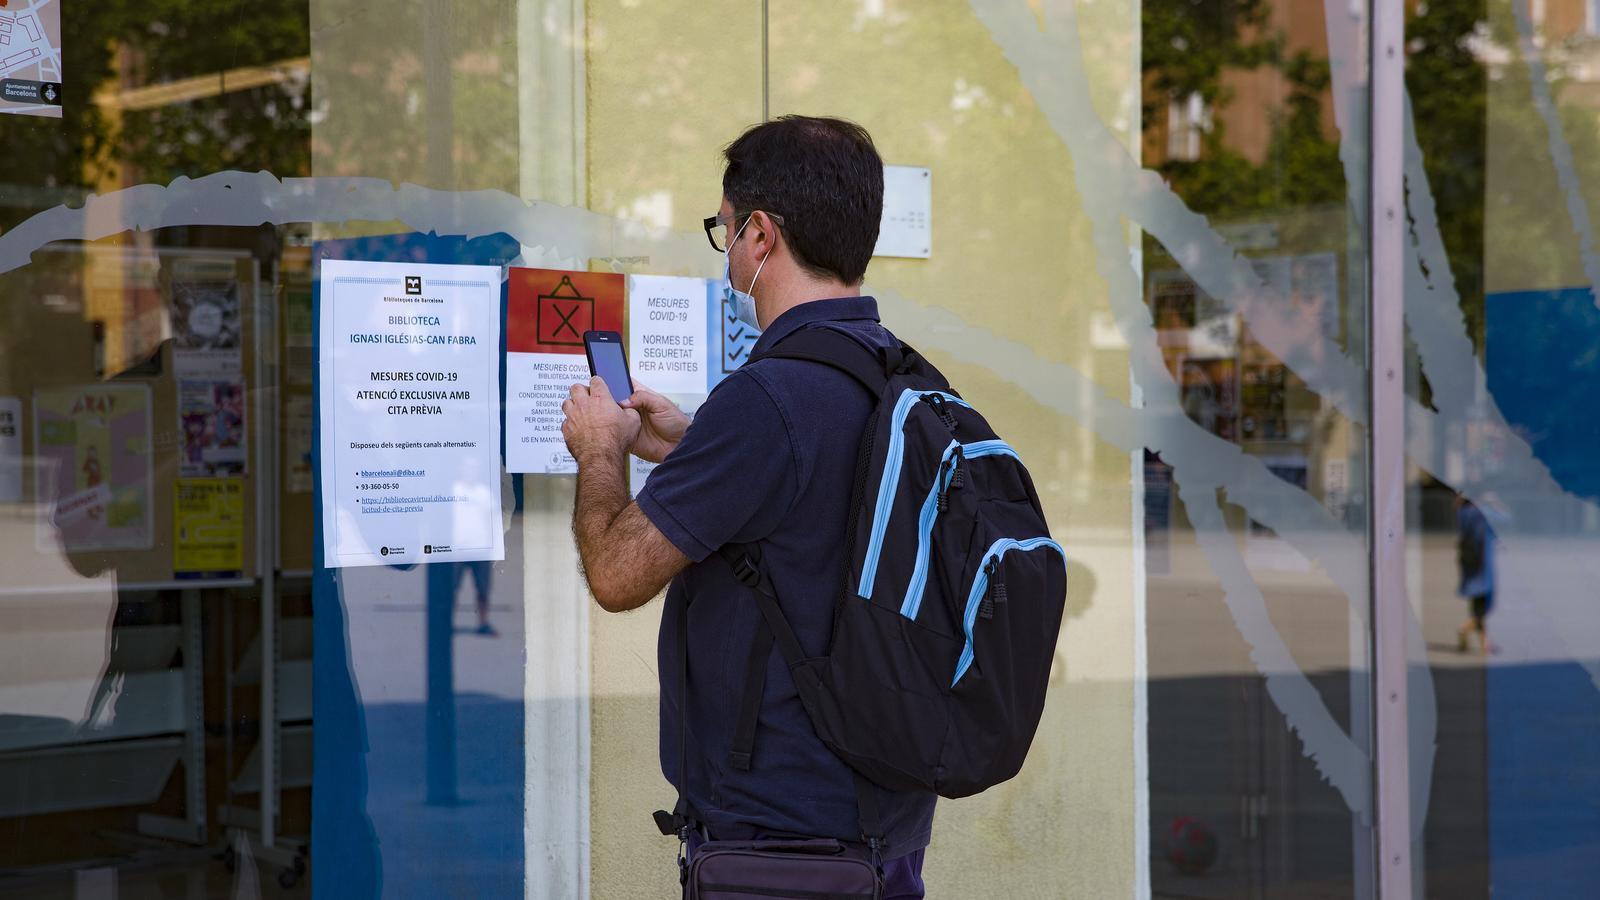 Un usuari a l'entrada de la biblioteca Ignasi Iglésias-Can Fabra